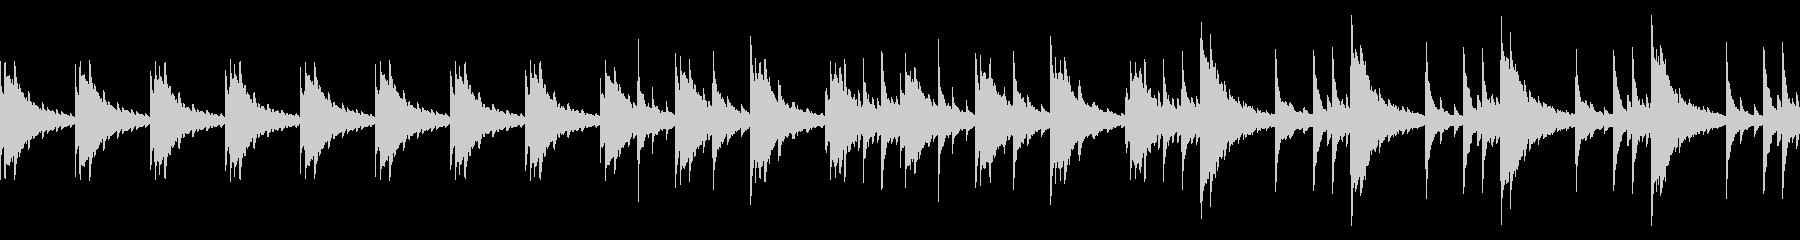 切ないピアノ楽曲3(ループ仕様)の未再生の波形